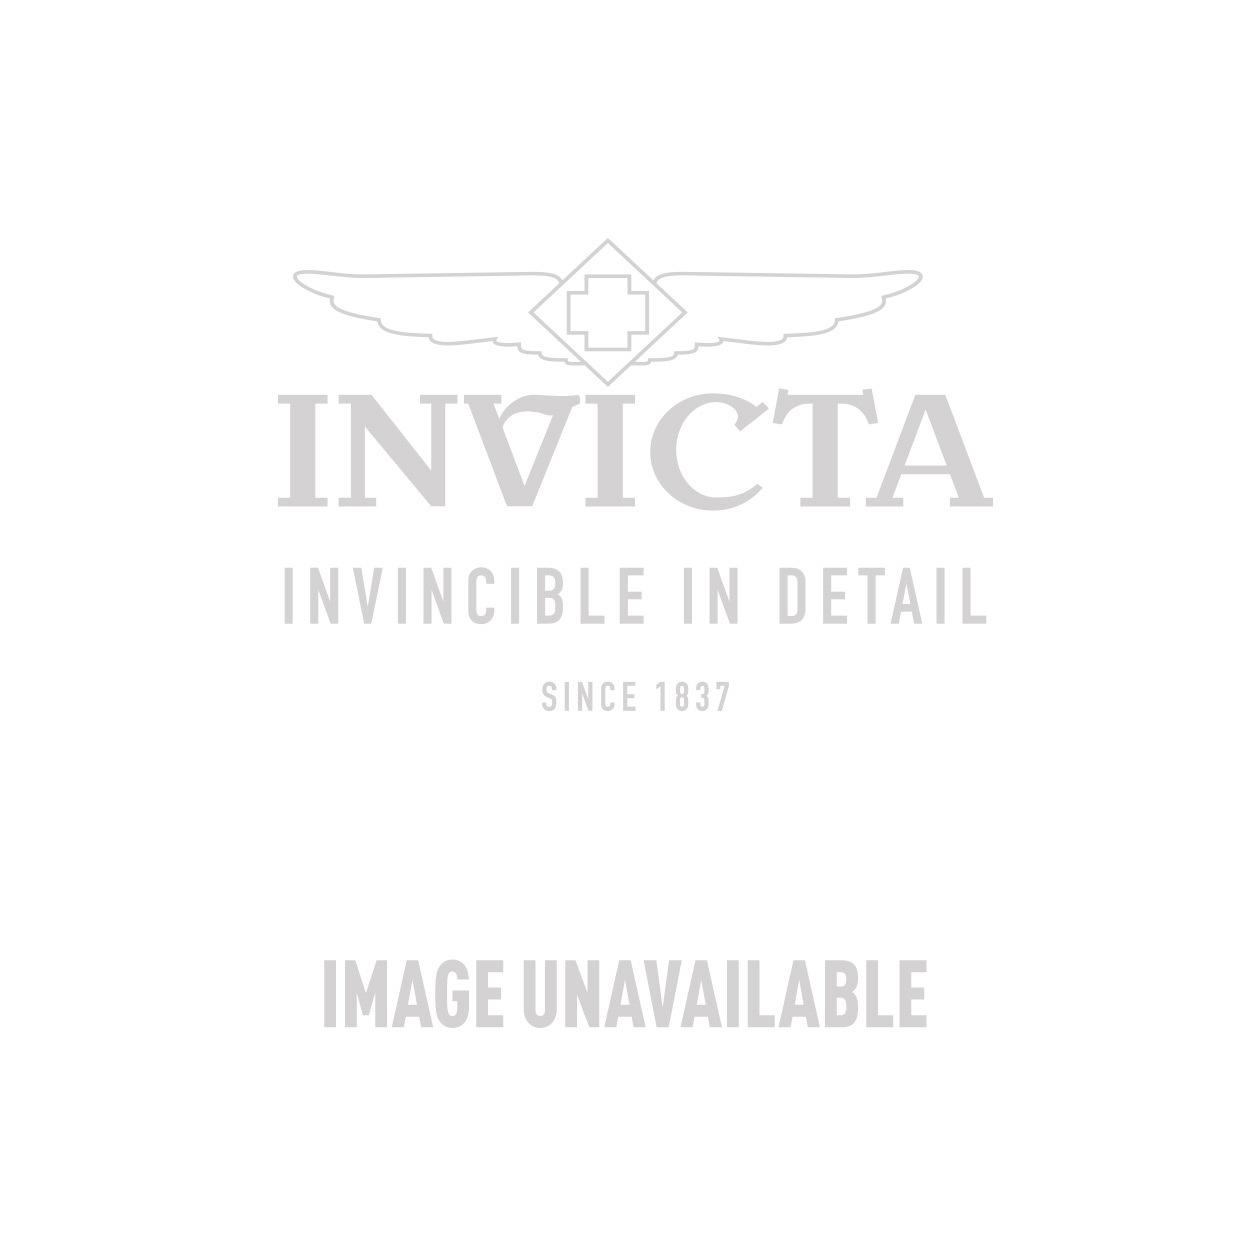 Invicta Model 23947